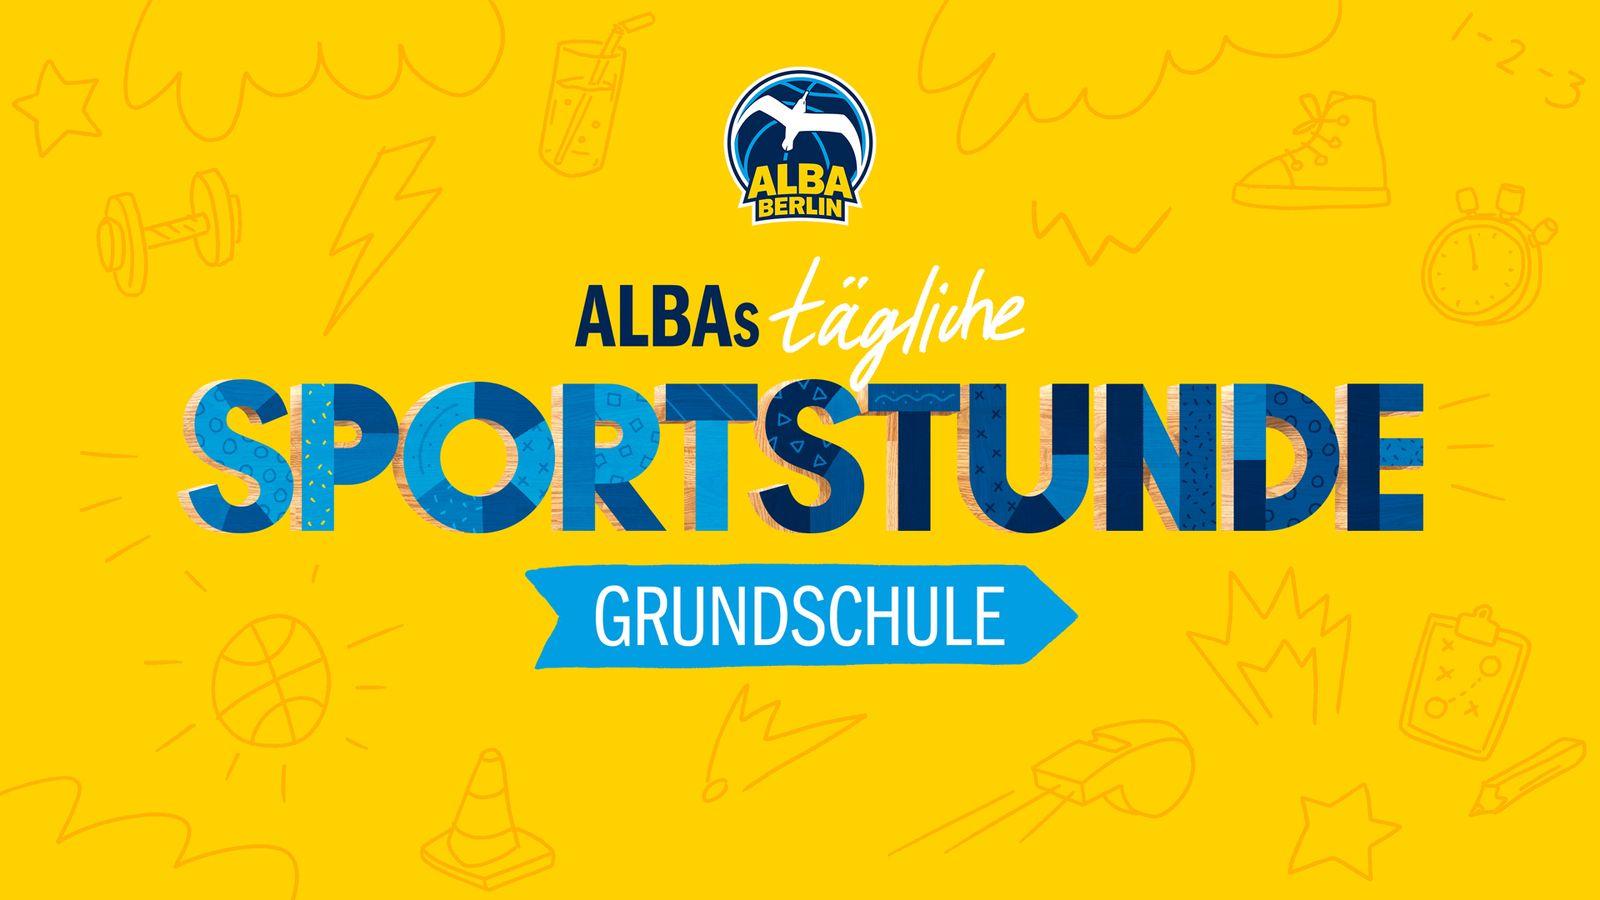 Bildergebnis für tägliche sportstunde alba berlin